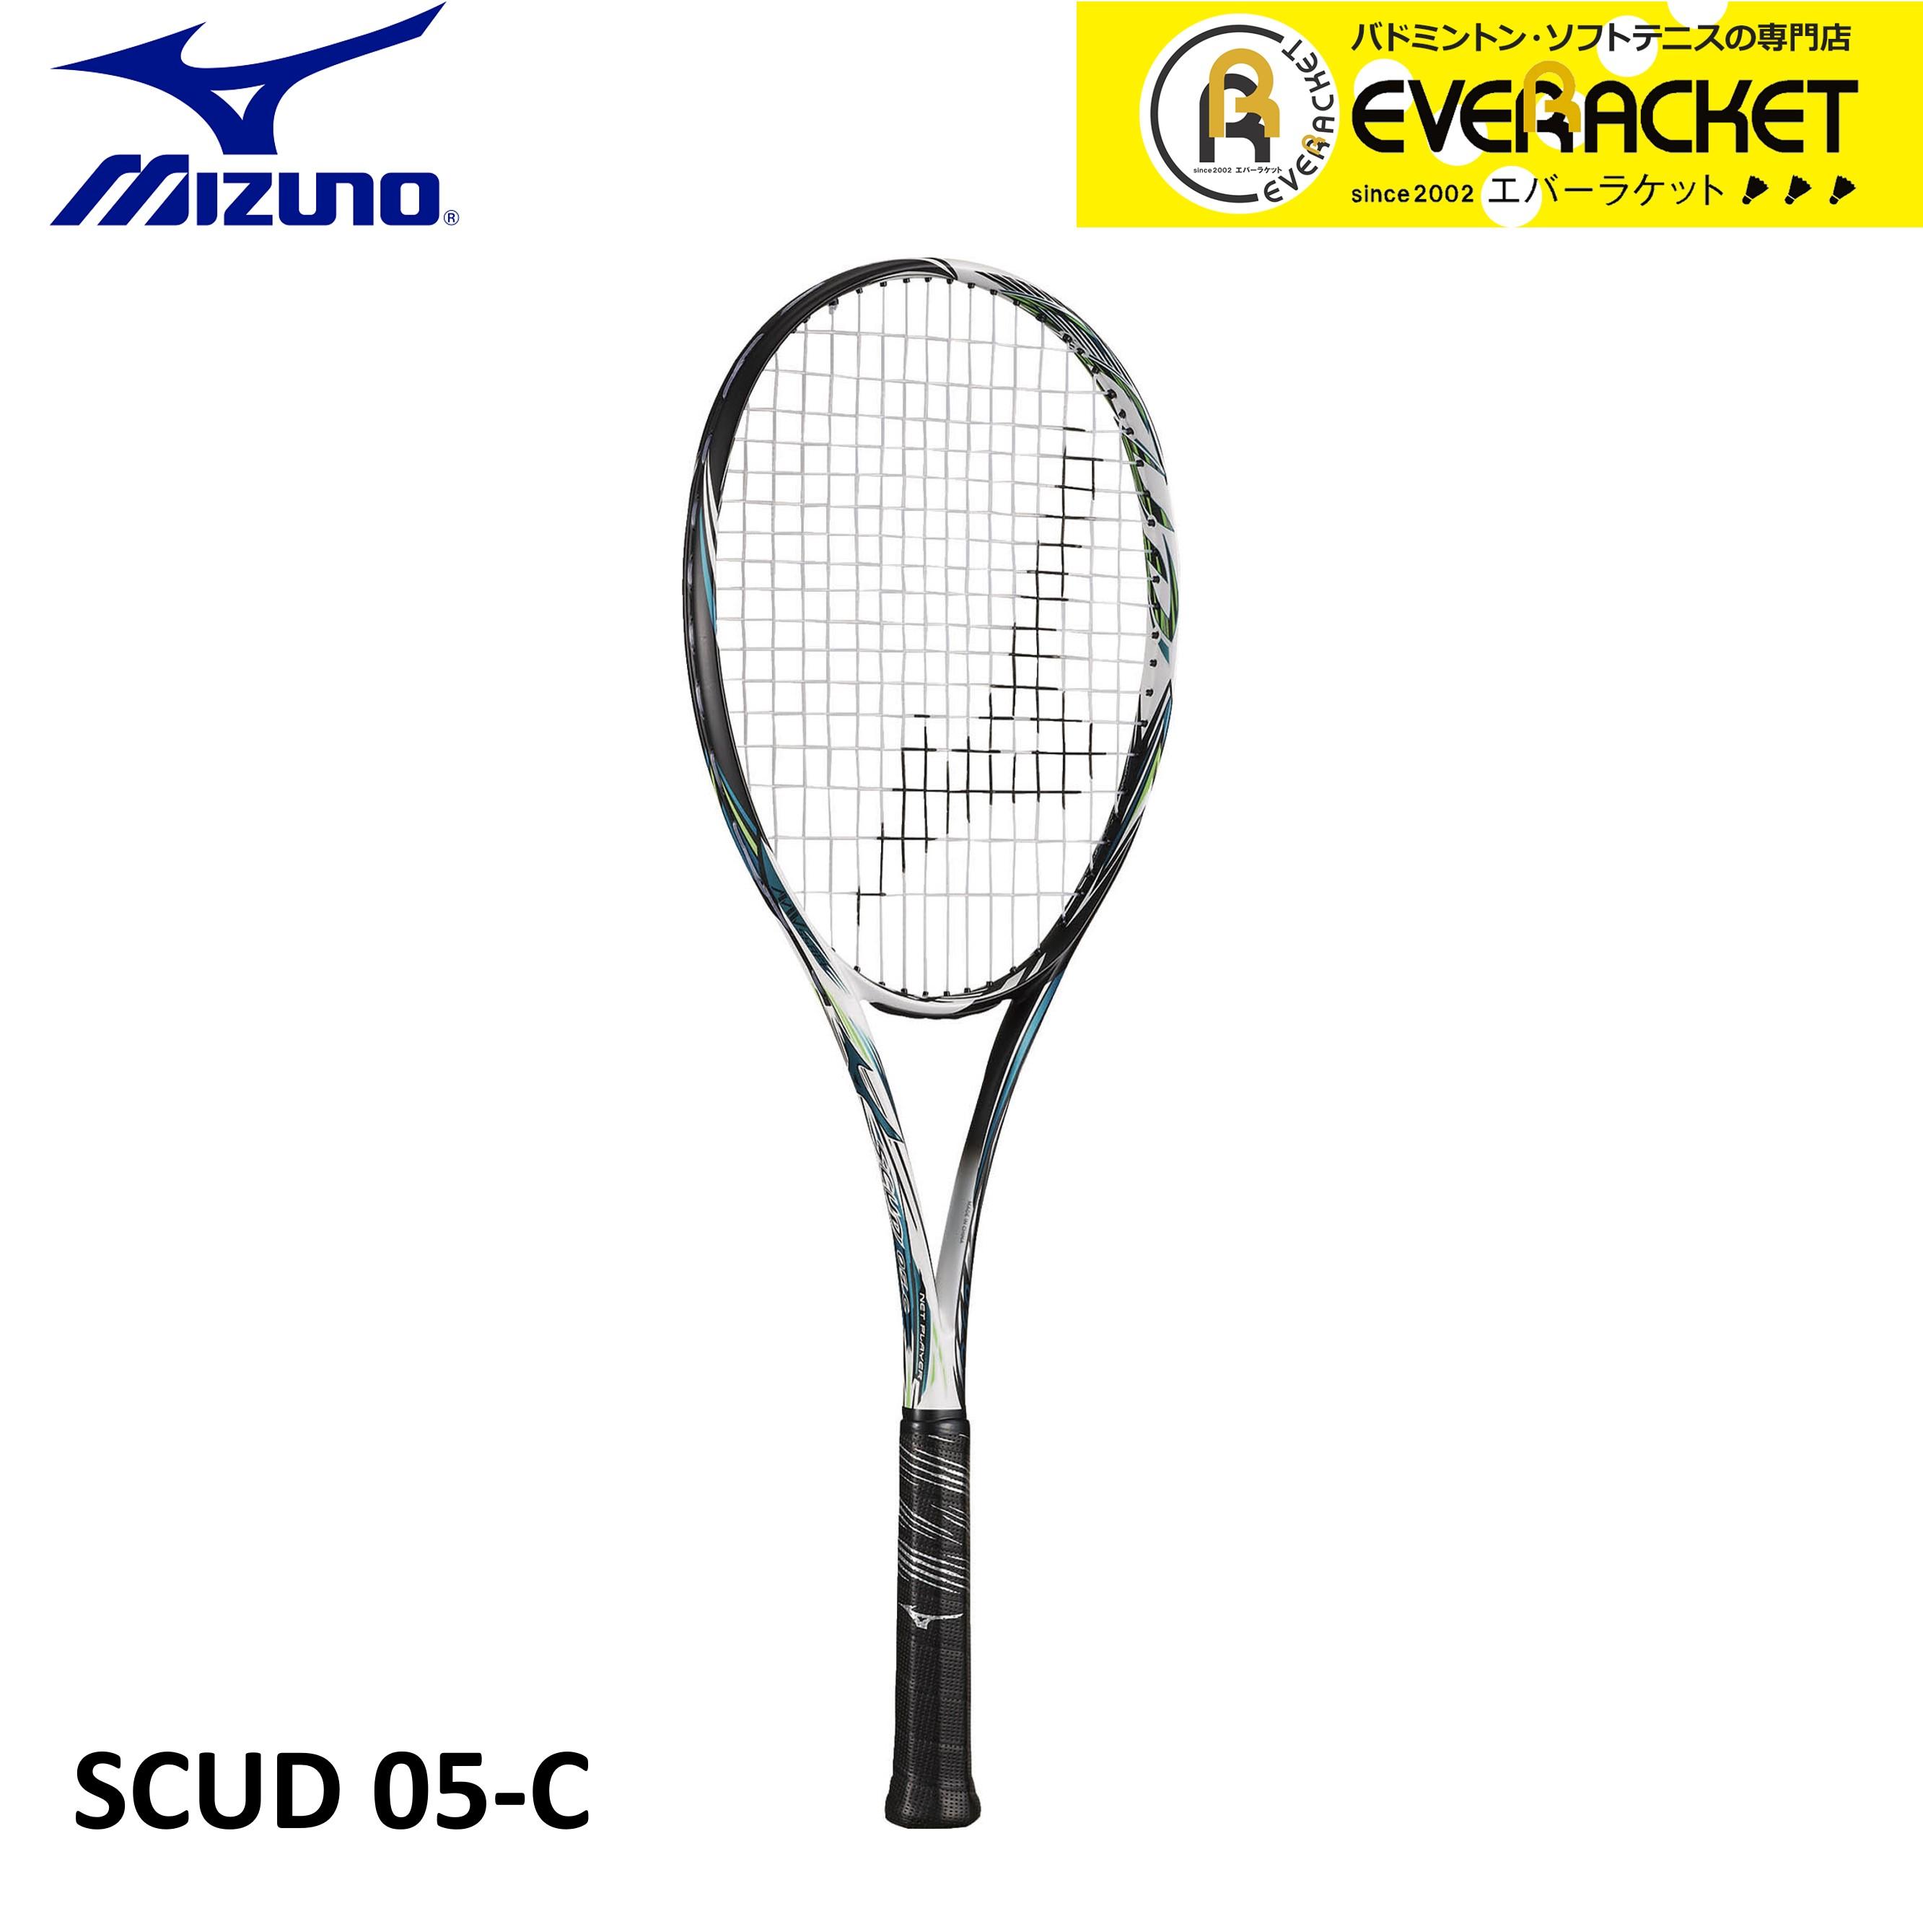 ミズノ MIZUNO ソフトテニスラケット SCUD 05-C 63JTN05624 ソフトテニス《ガット代・張り代無料》